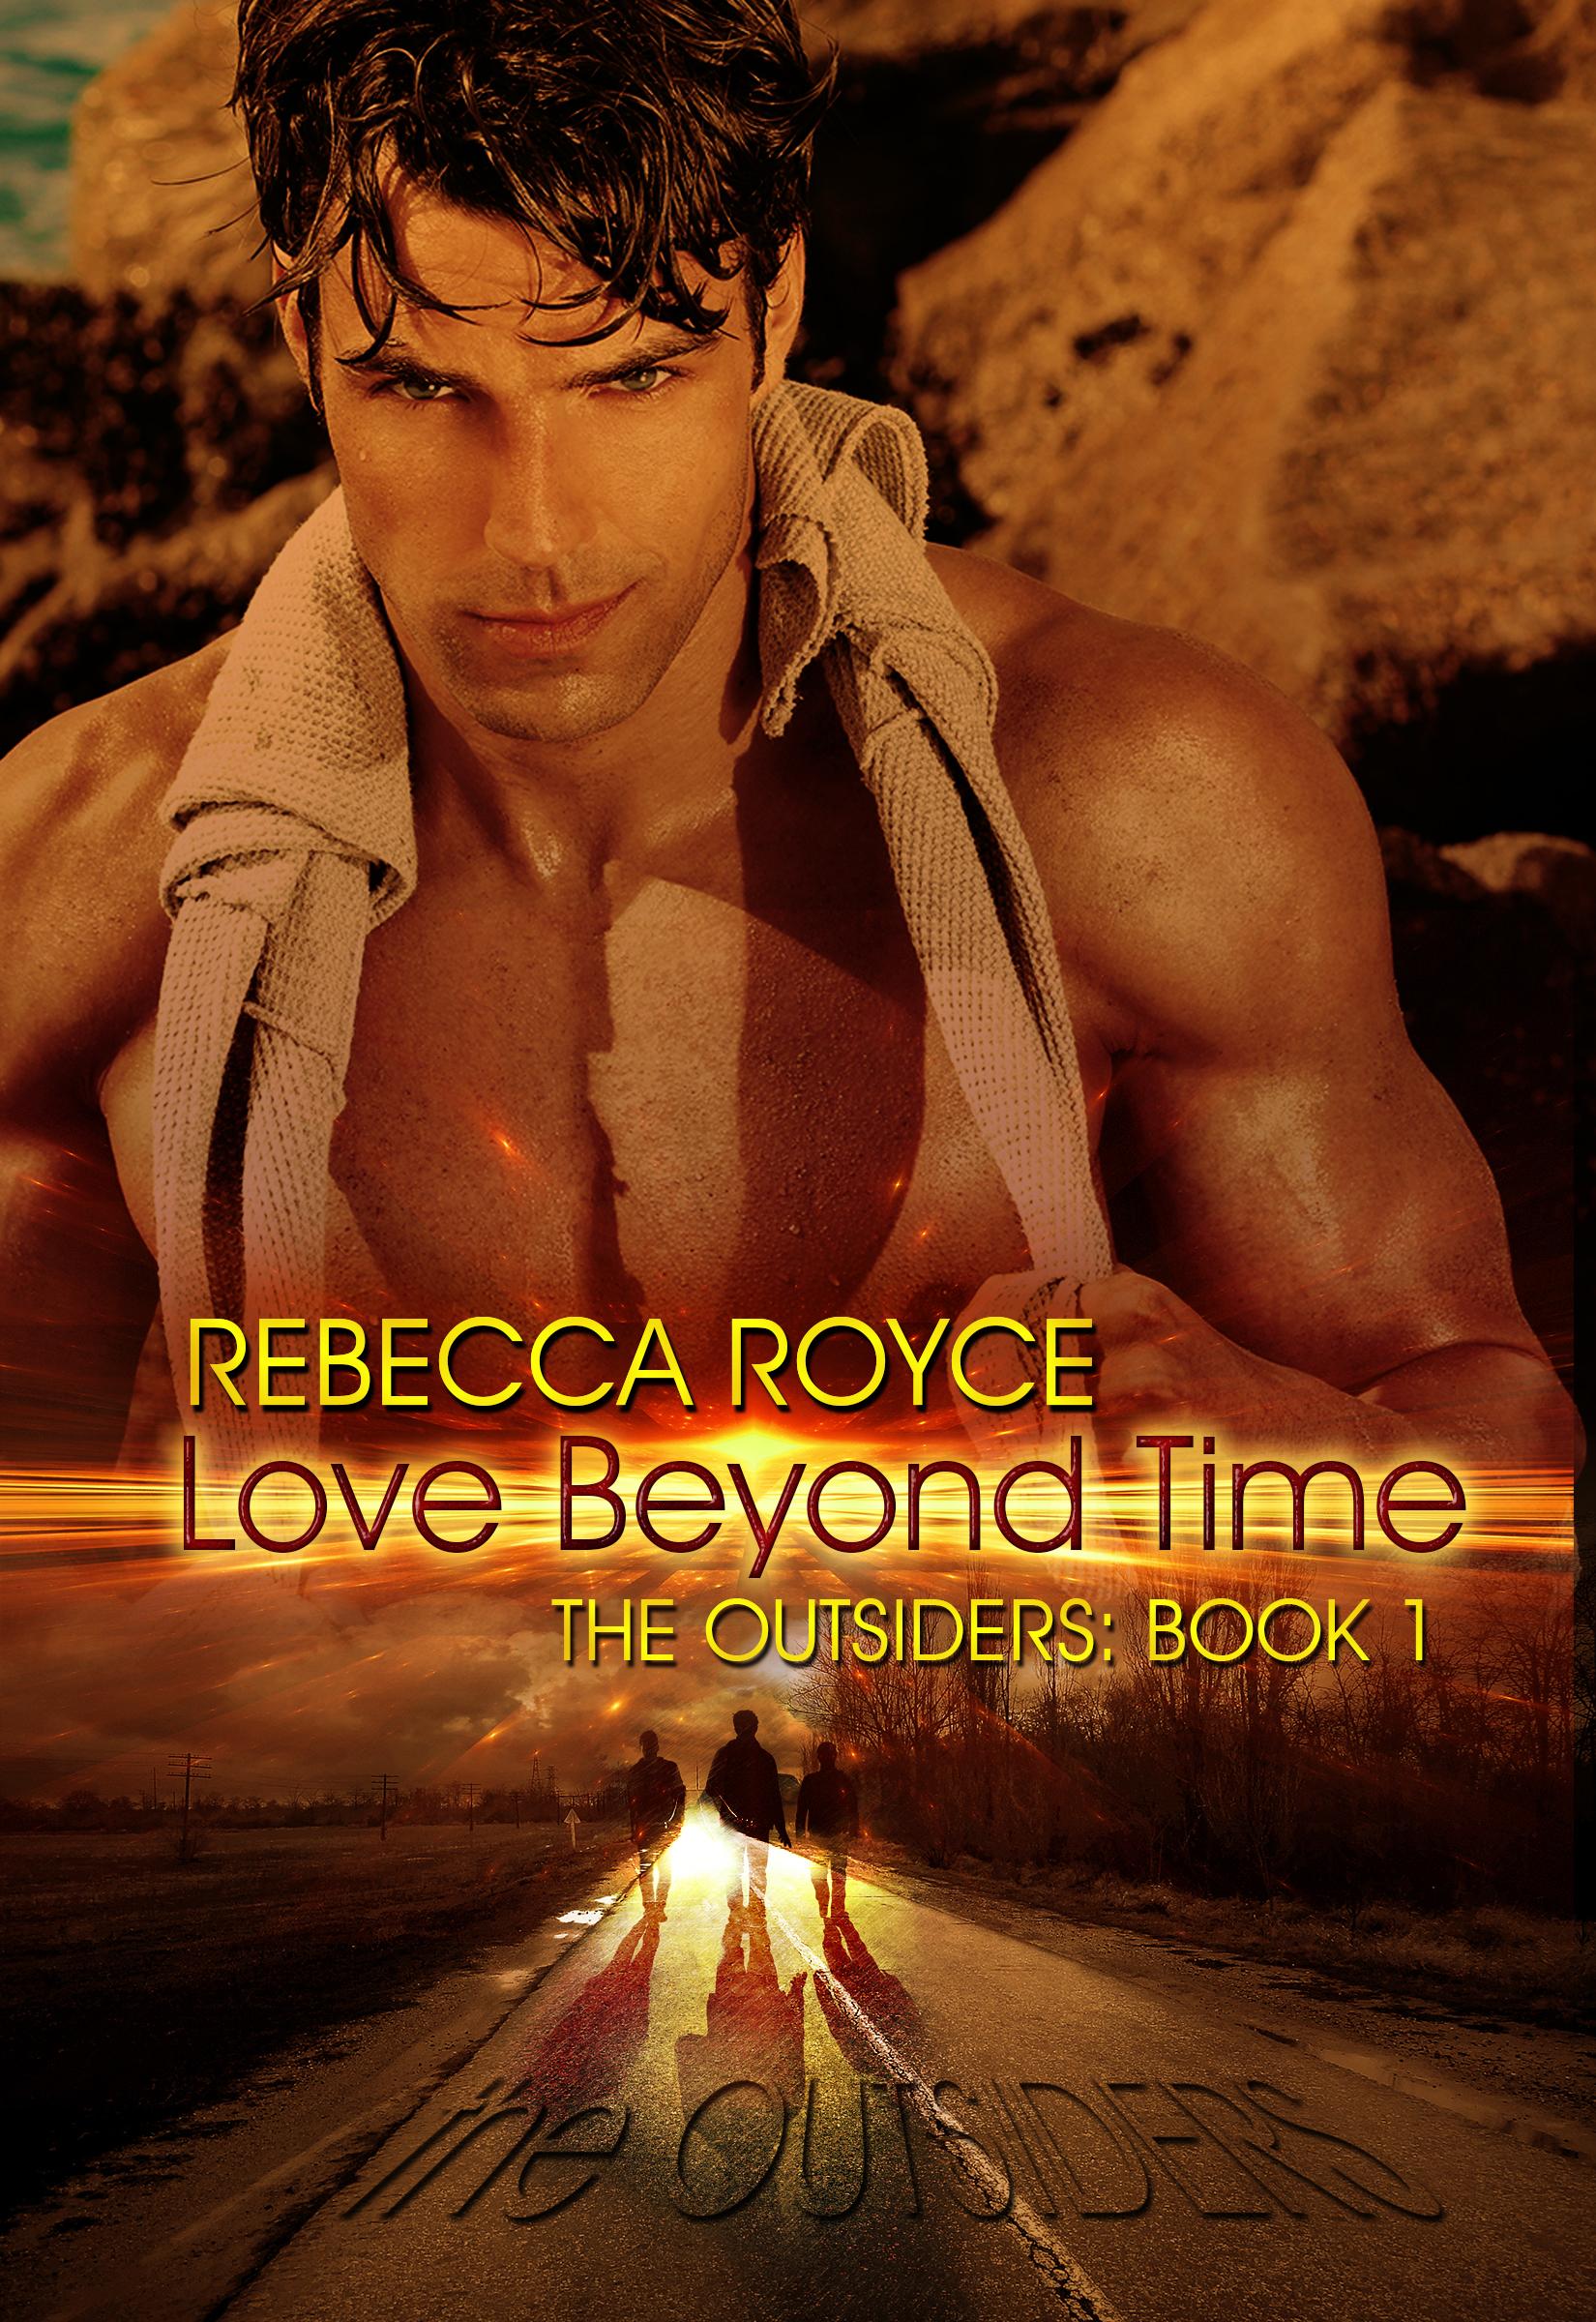 RebeccaRoyce_TheOutsiders_Book1.jpg